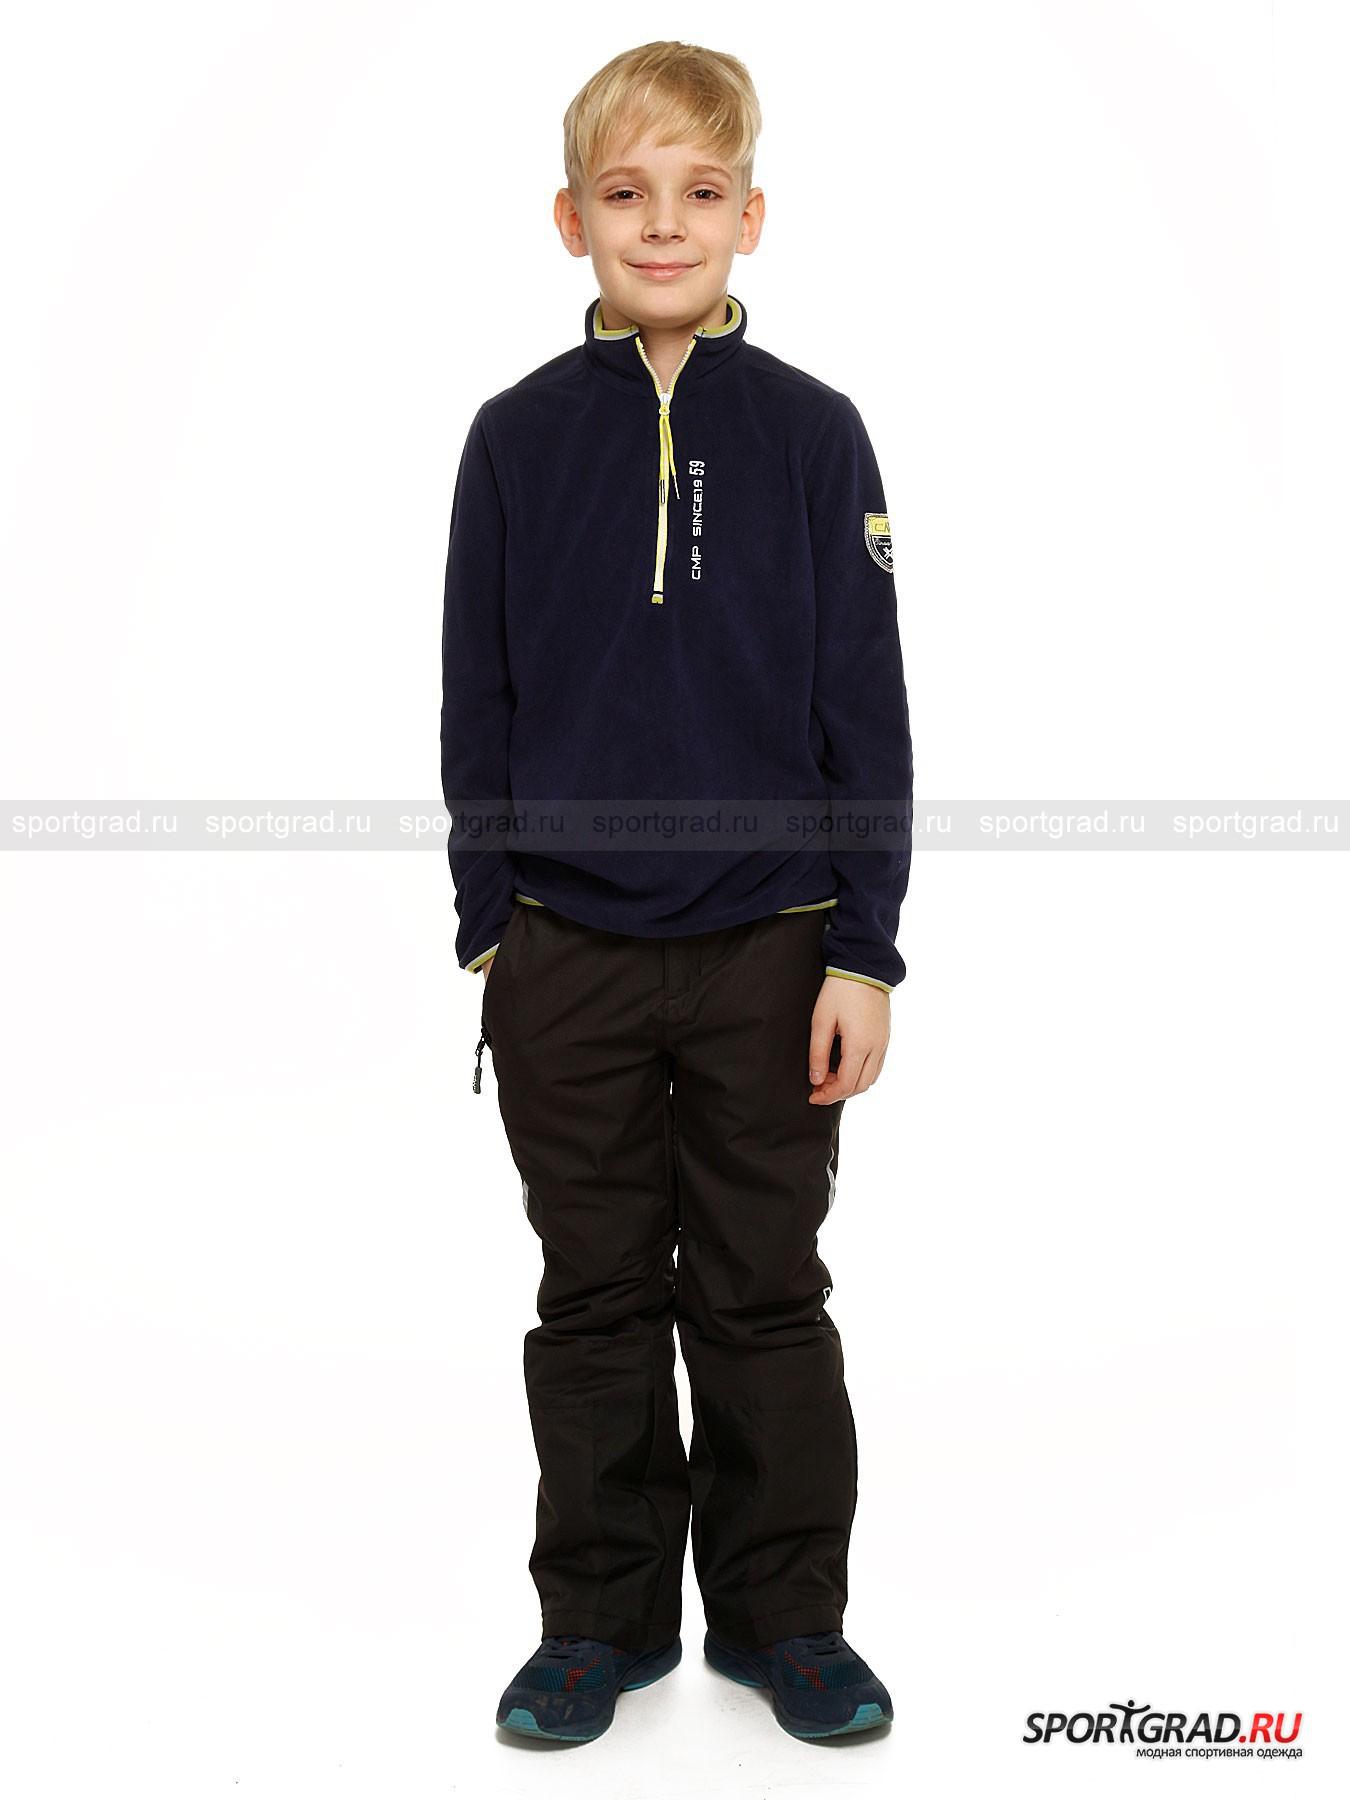 Джемпер горнолыжный для мальчиков  BOY FLEECE SWEAT CAMPAGNOLO от Спортград